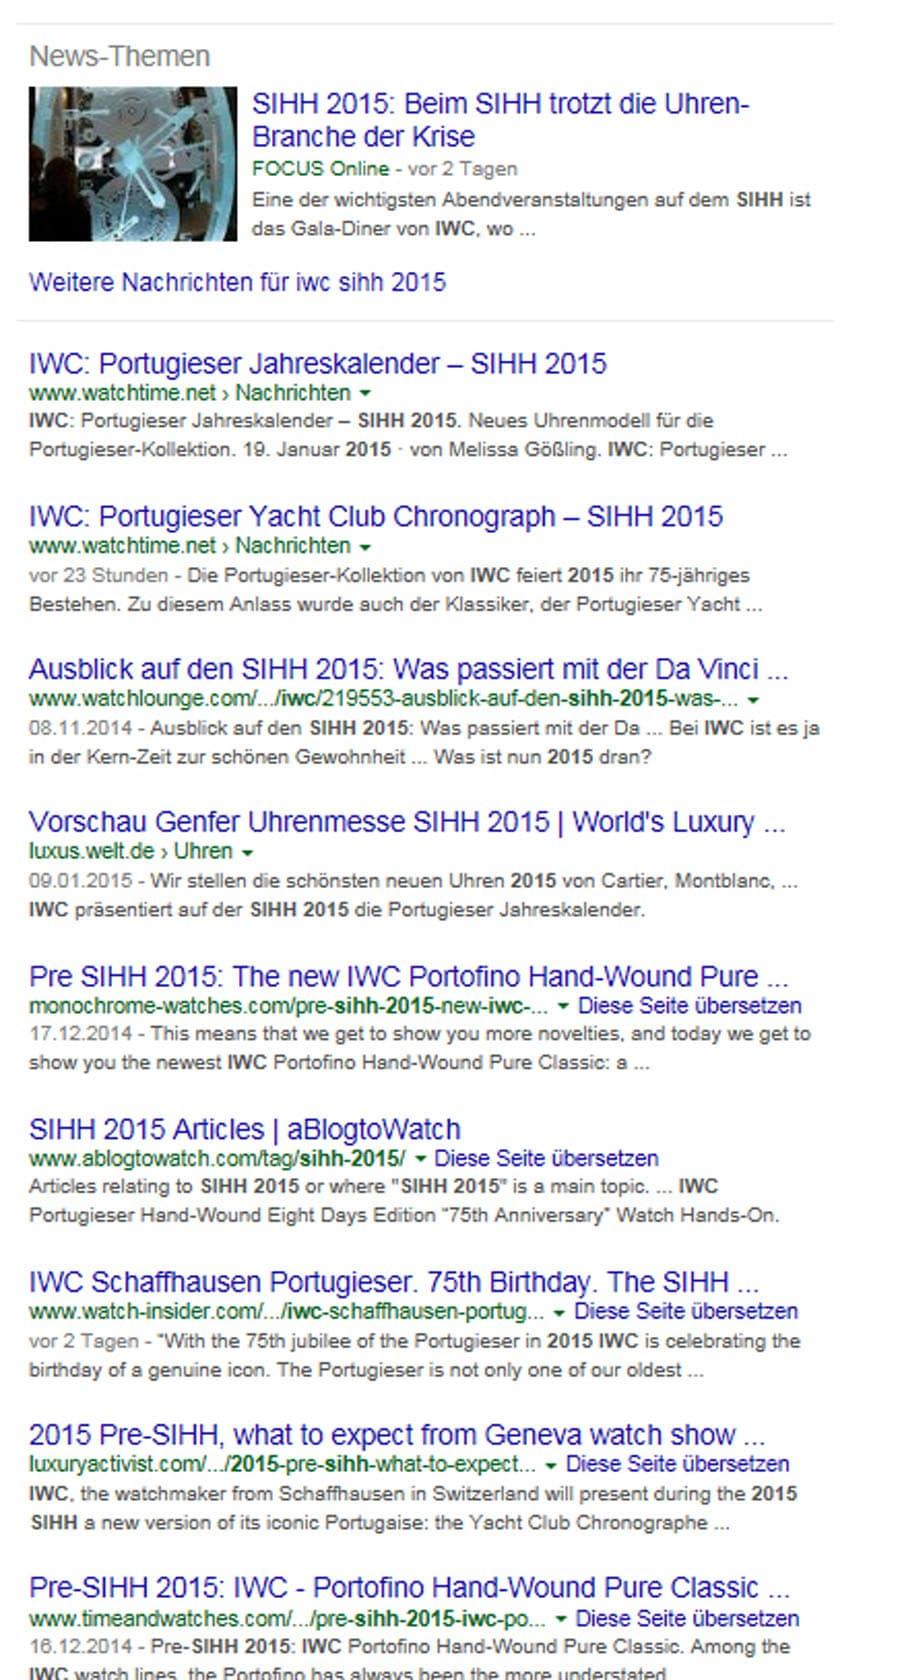 Google-Suchergebnis für IWC während des Genfer Uhrensalon SIHH 2015